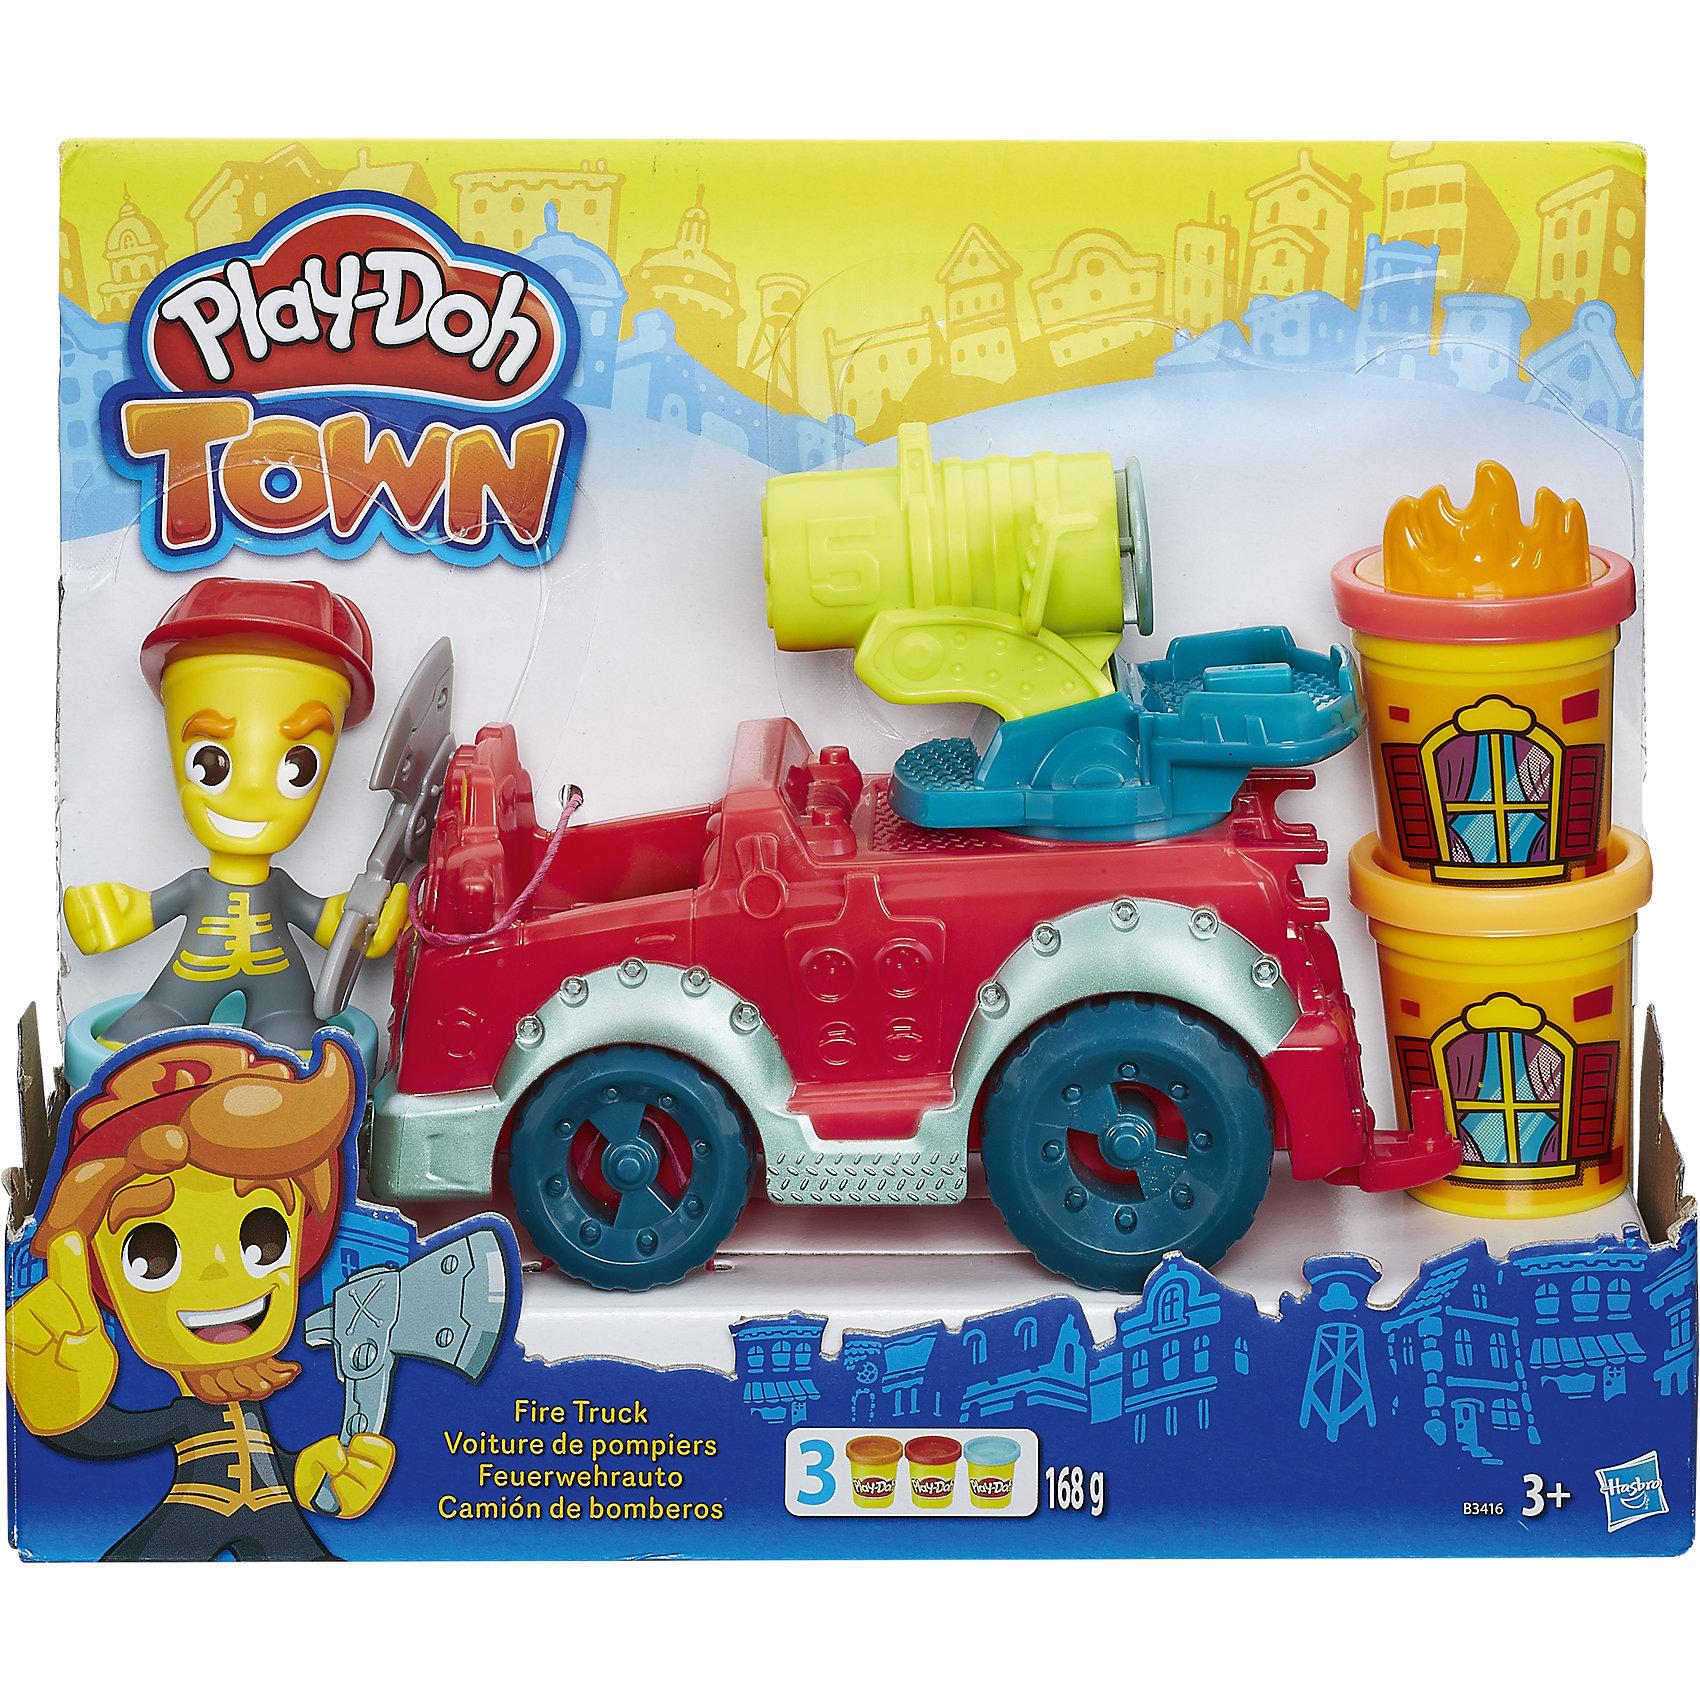 Hasbro Игровой набор Пожарная машина, Город, Play-Doh